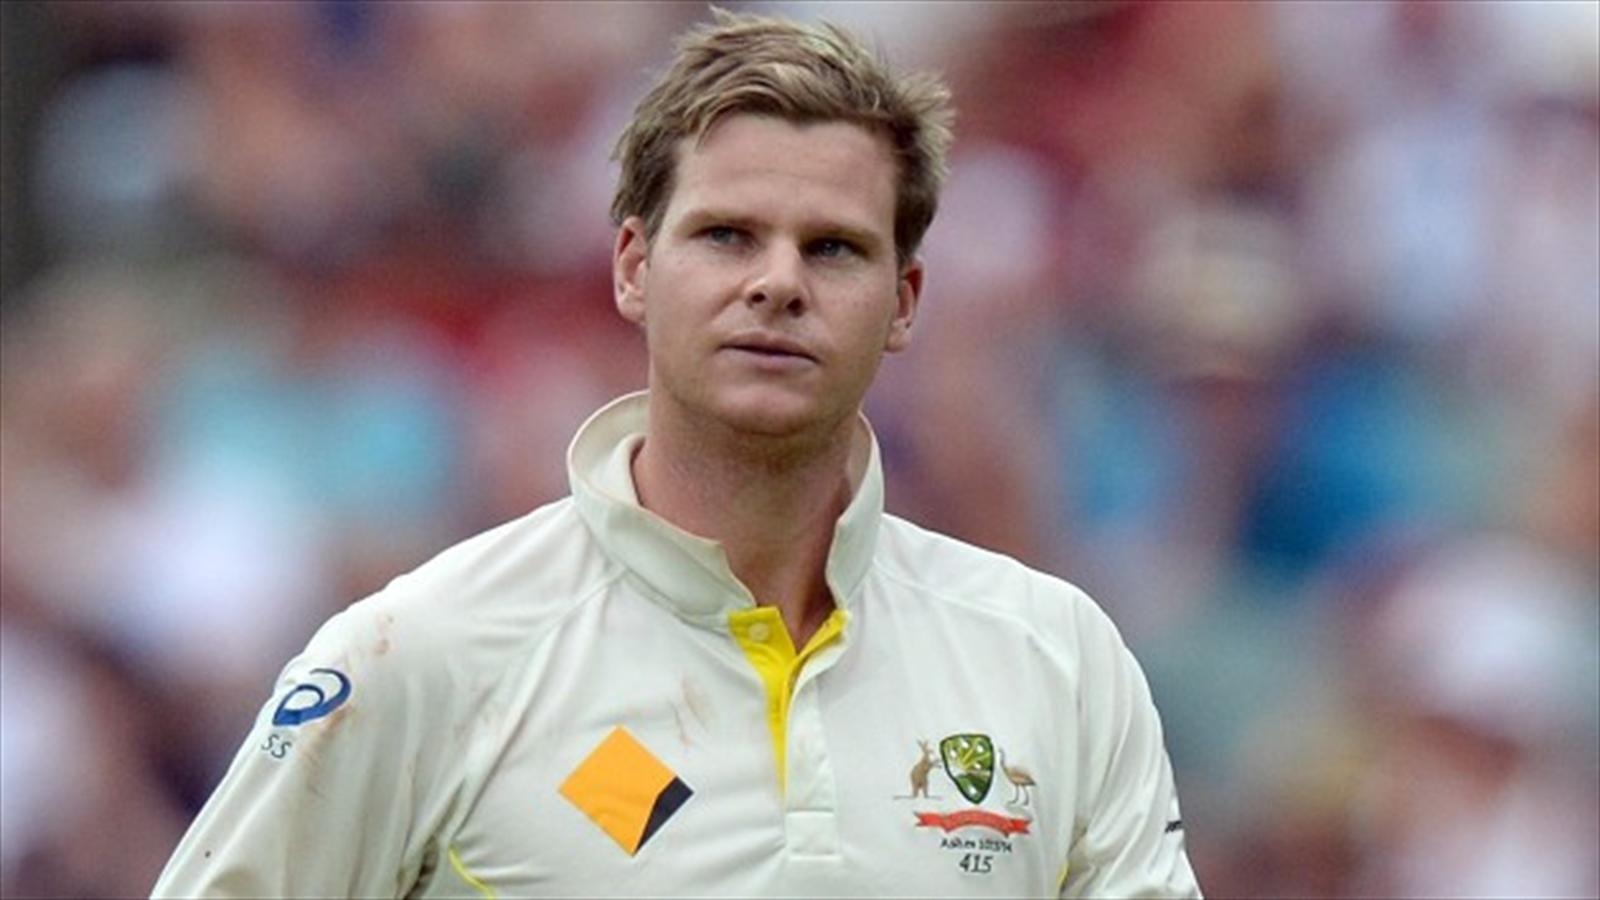 ऑस्ट्रेलिया के कप्तान स्टीव स्मिथ ने इस खिलाड़ी की तारीफो के बांधे पुल 10